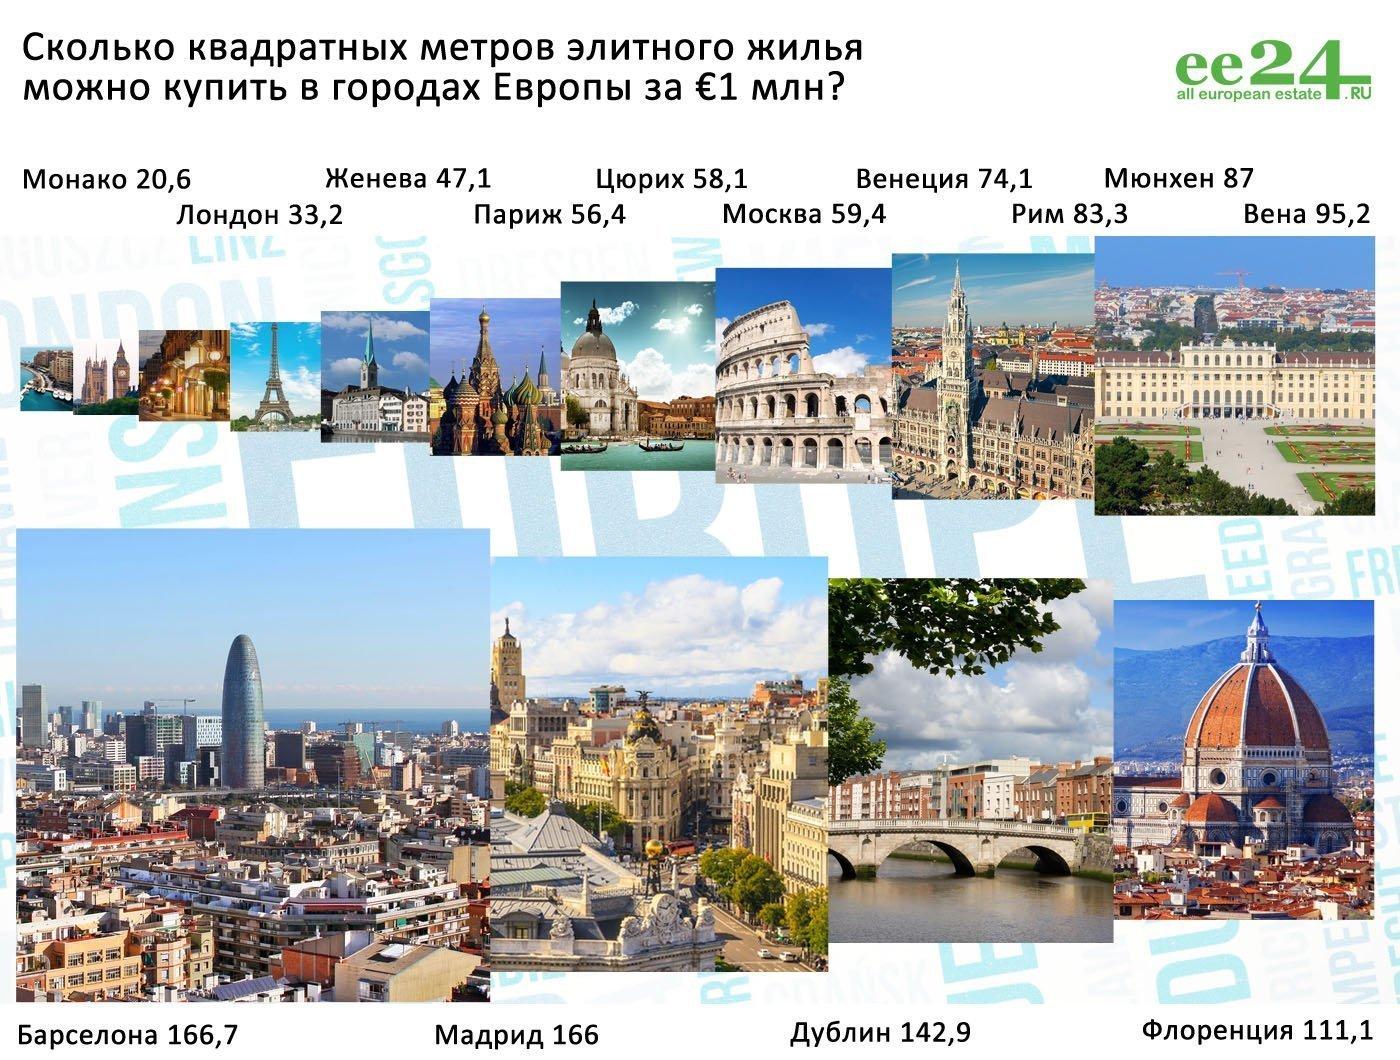 Европейская недвижимость: чем запомнится 2014 год | Фотография 11 | ee24